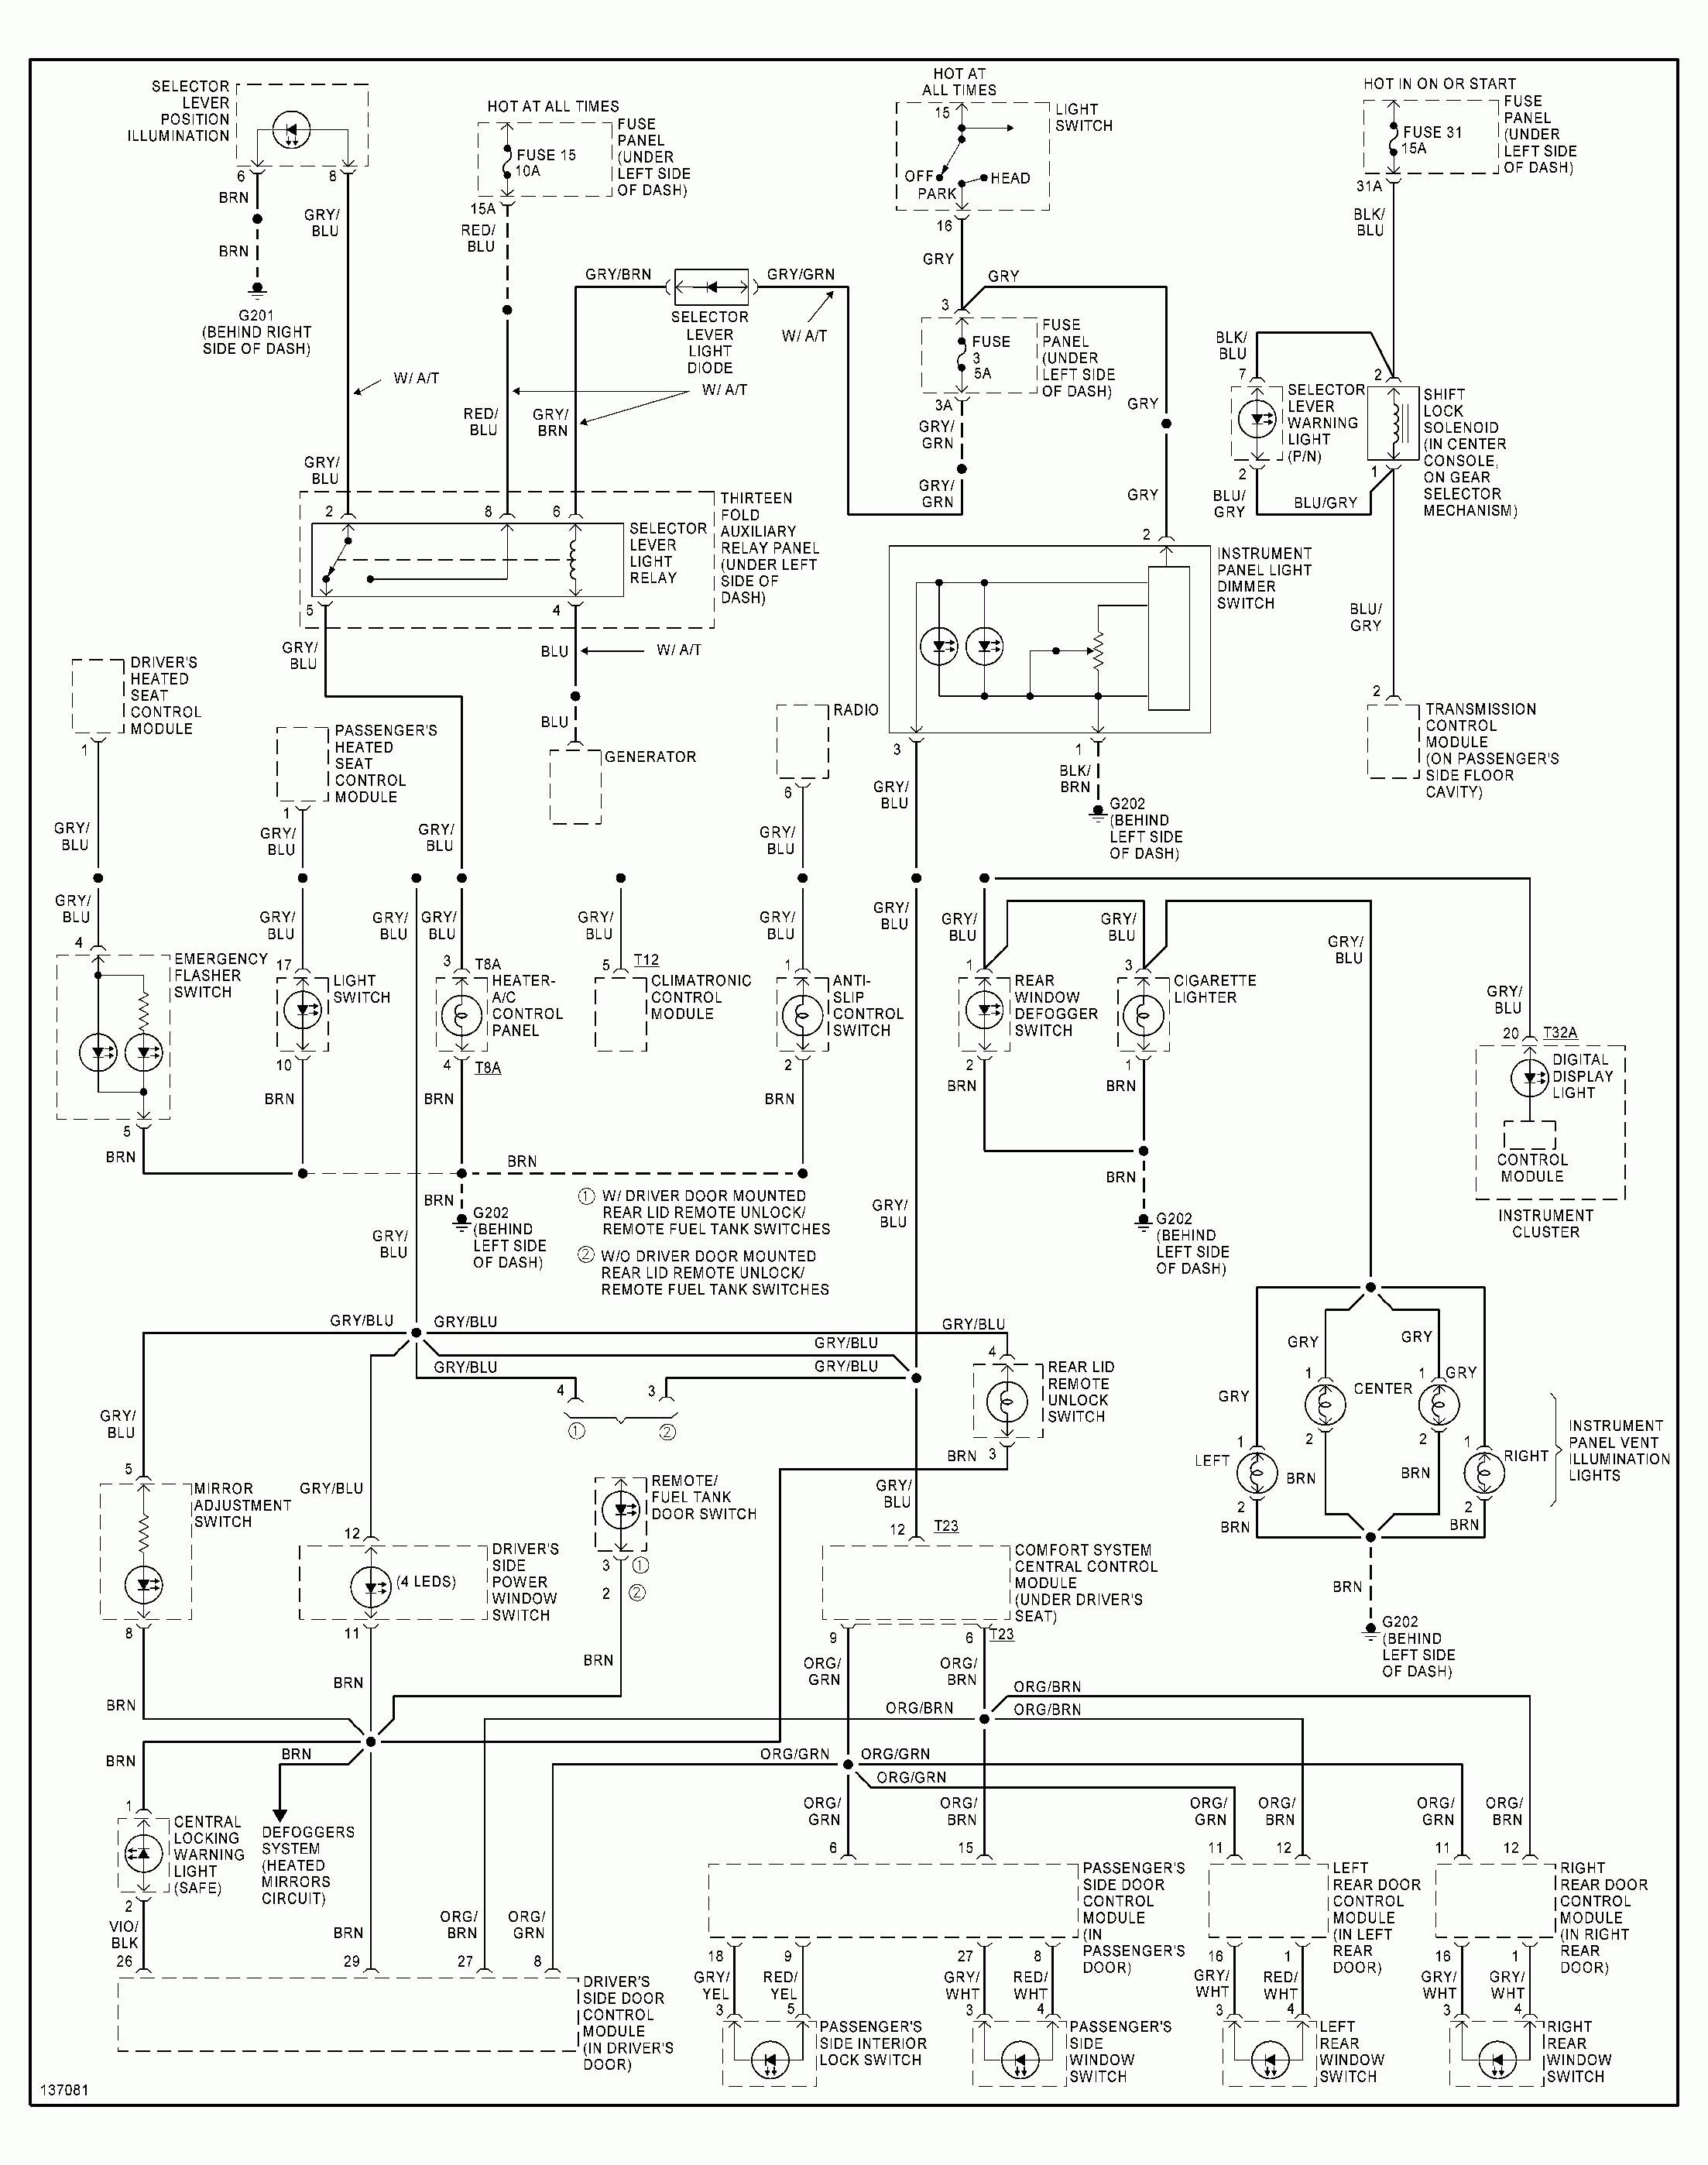 84 Chevy Alternator Wiring Diagram Diagram] Volkswagen Vw Golf Jetta Mk3 A3 Wiring Diagram Of 84 Chevy Alternator Wiring Diagram